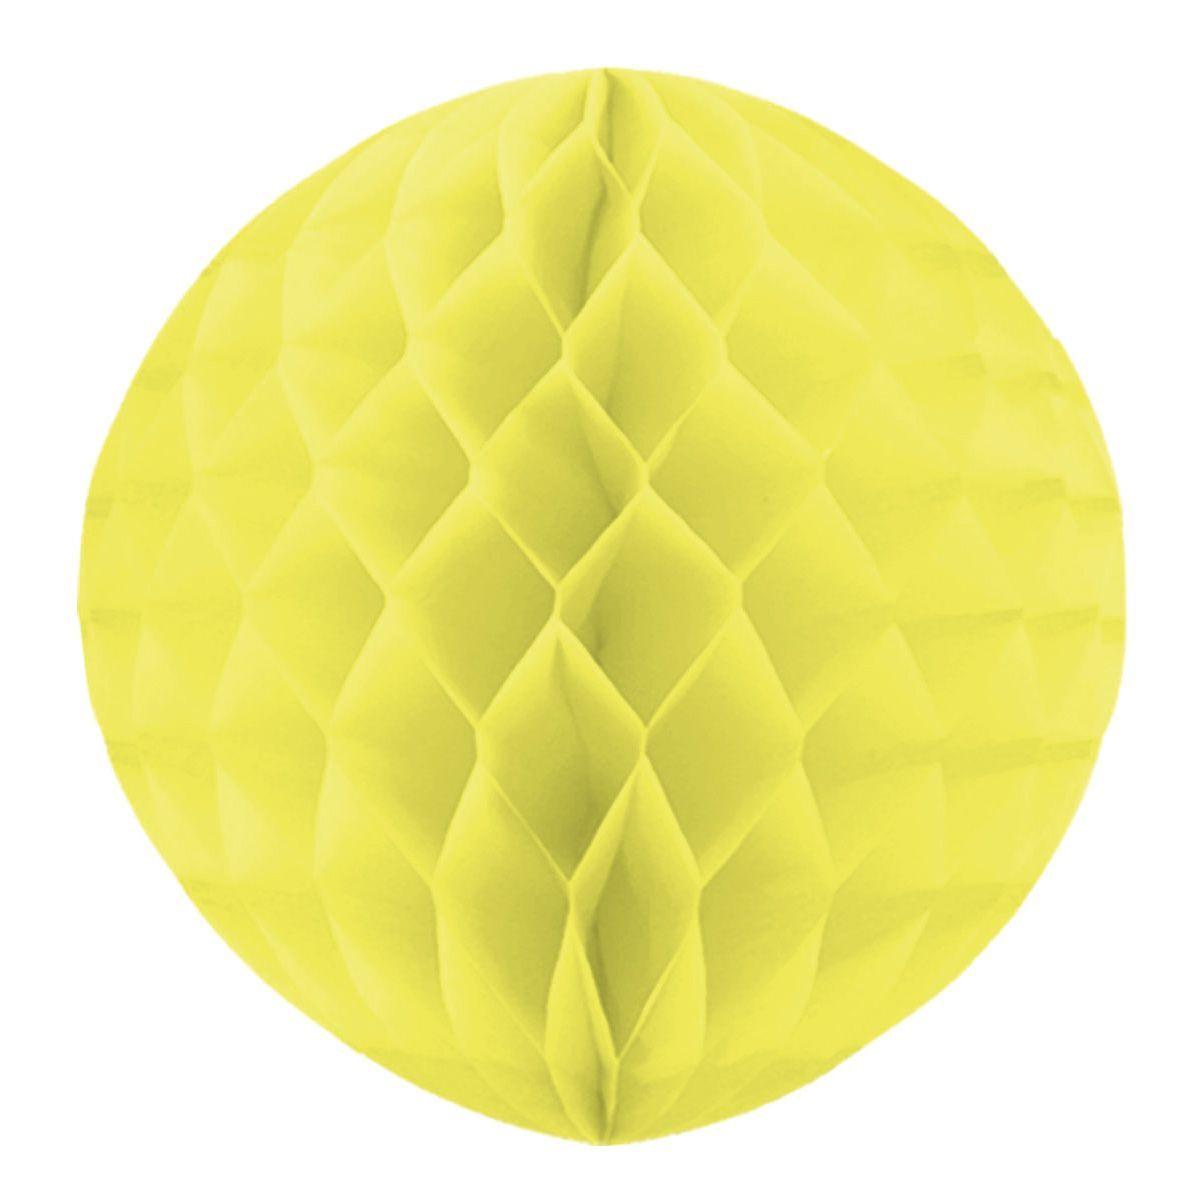 Бумажный шар Желтый 30см